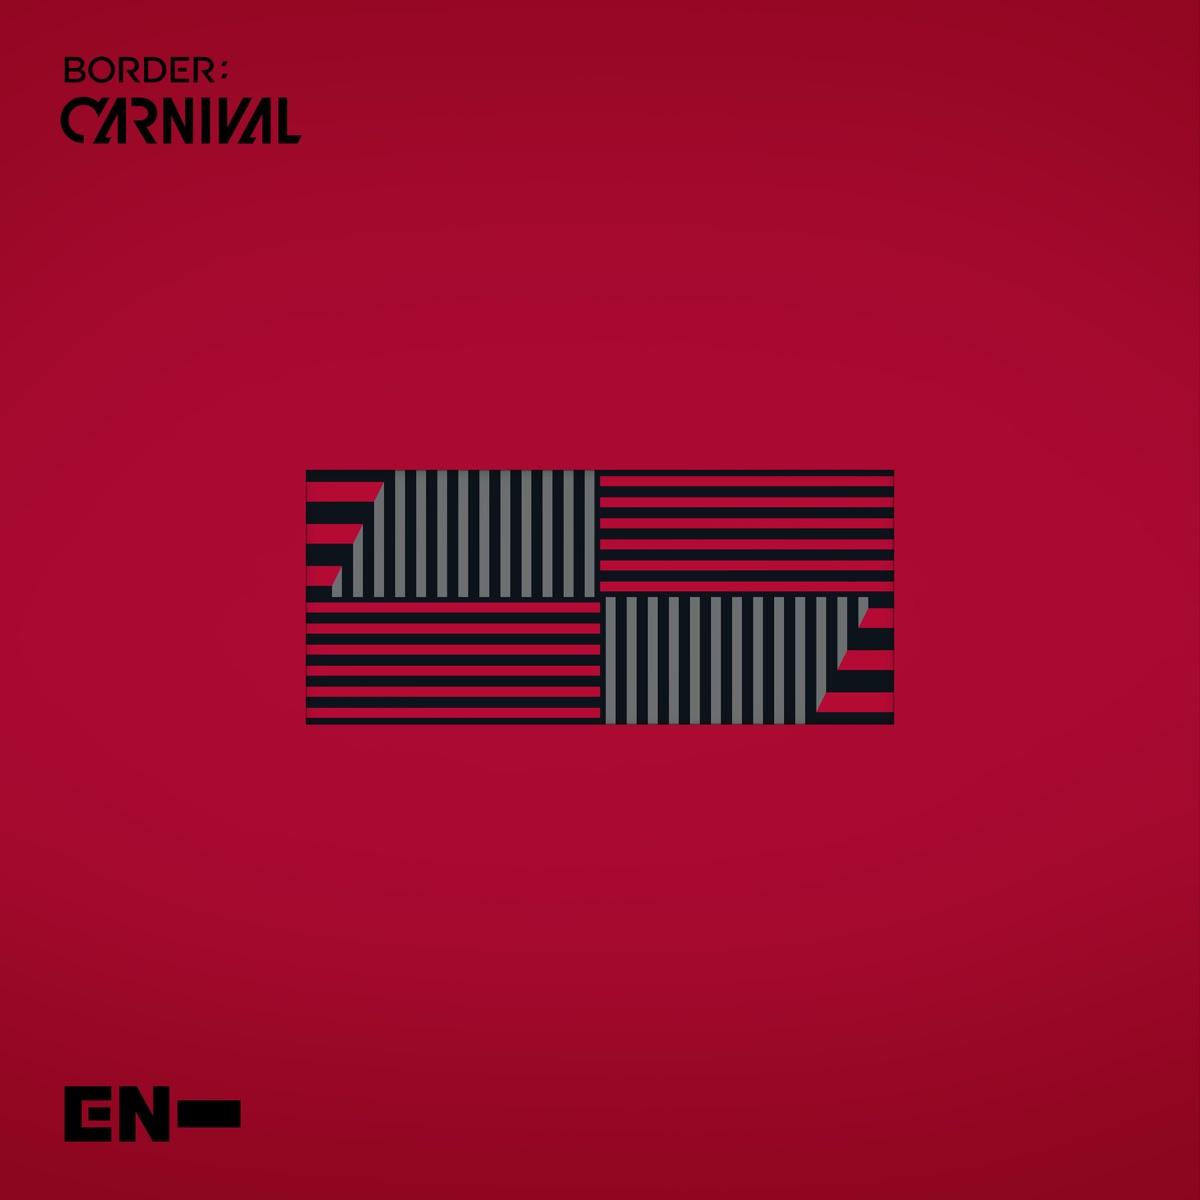 『ENHYPEN - Drunk-Dazed』収録の『BORDER : CARNIVAL』ジャケット